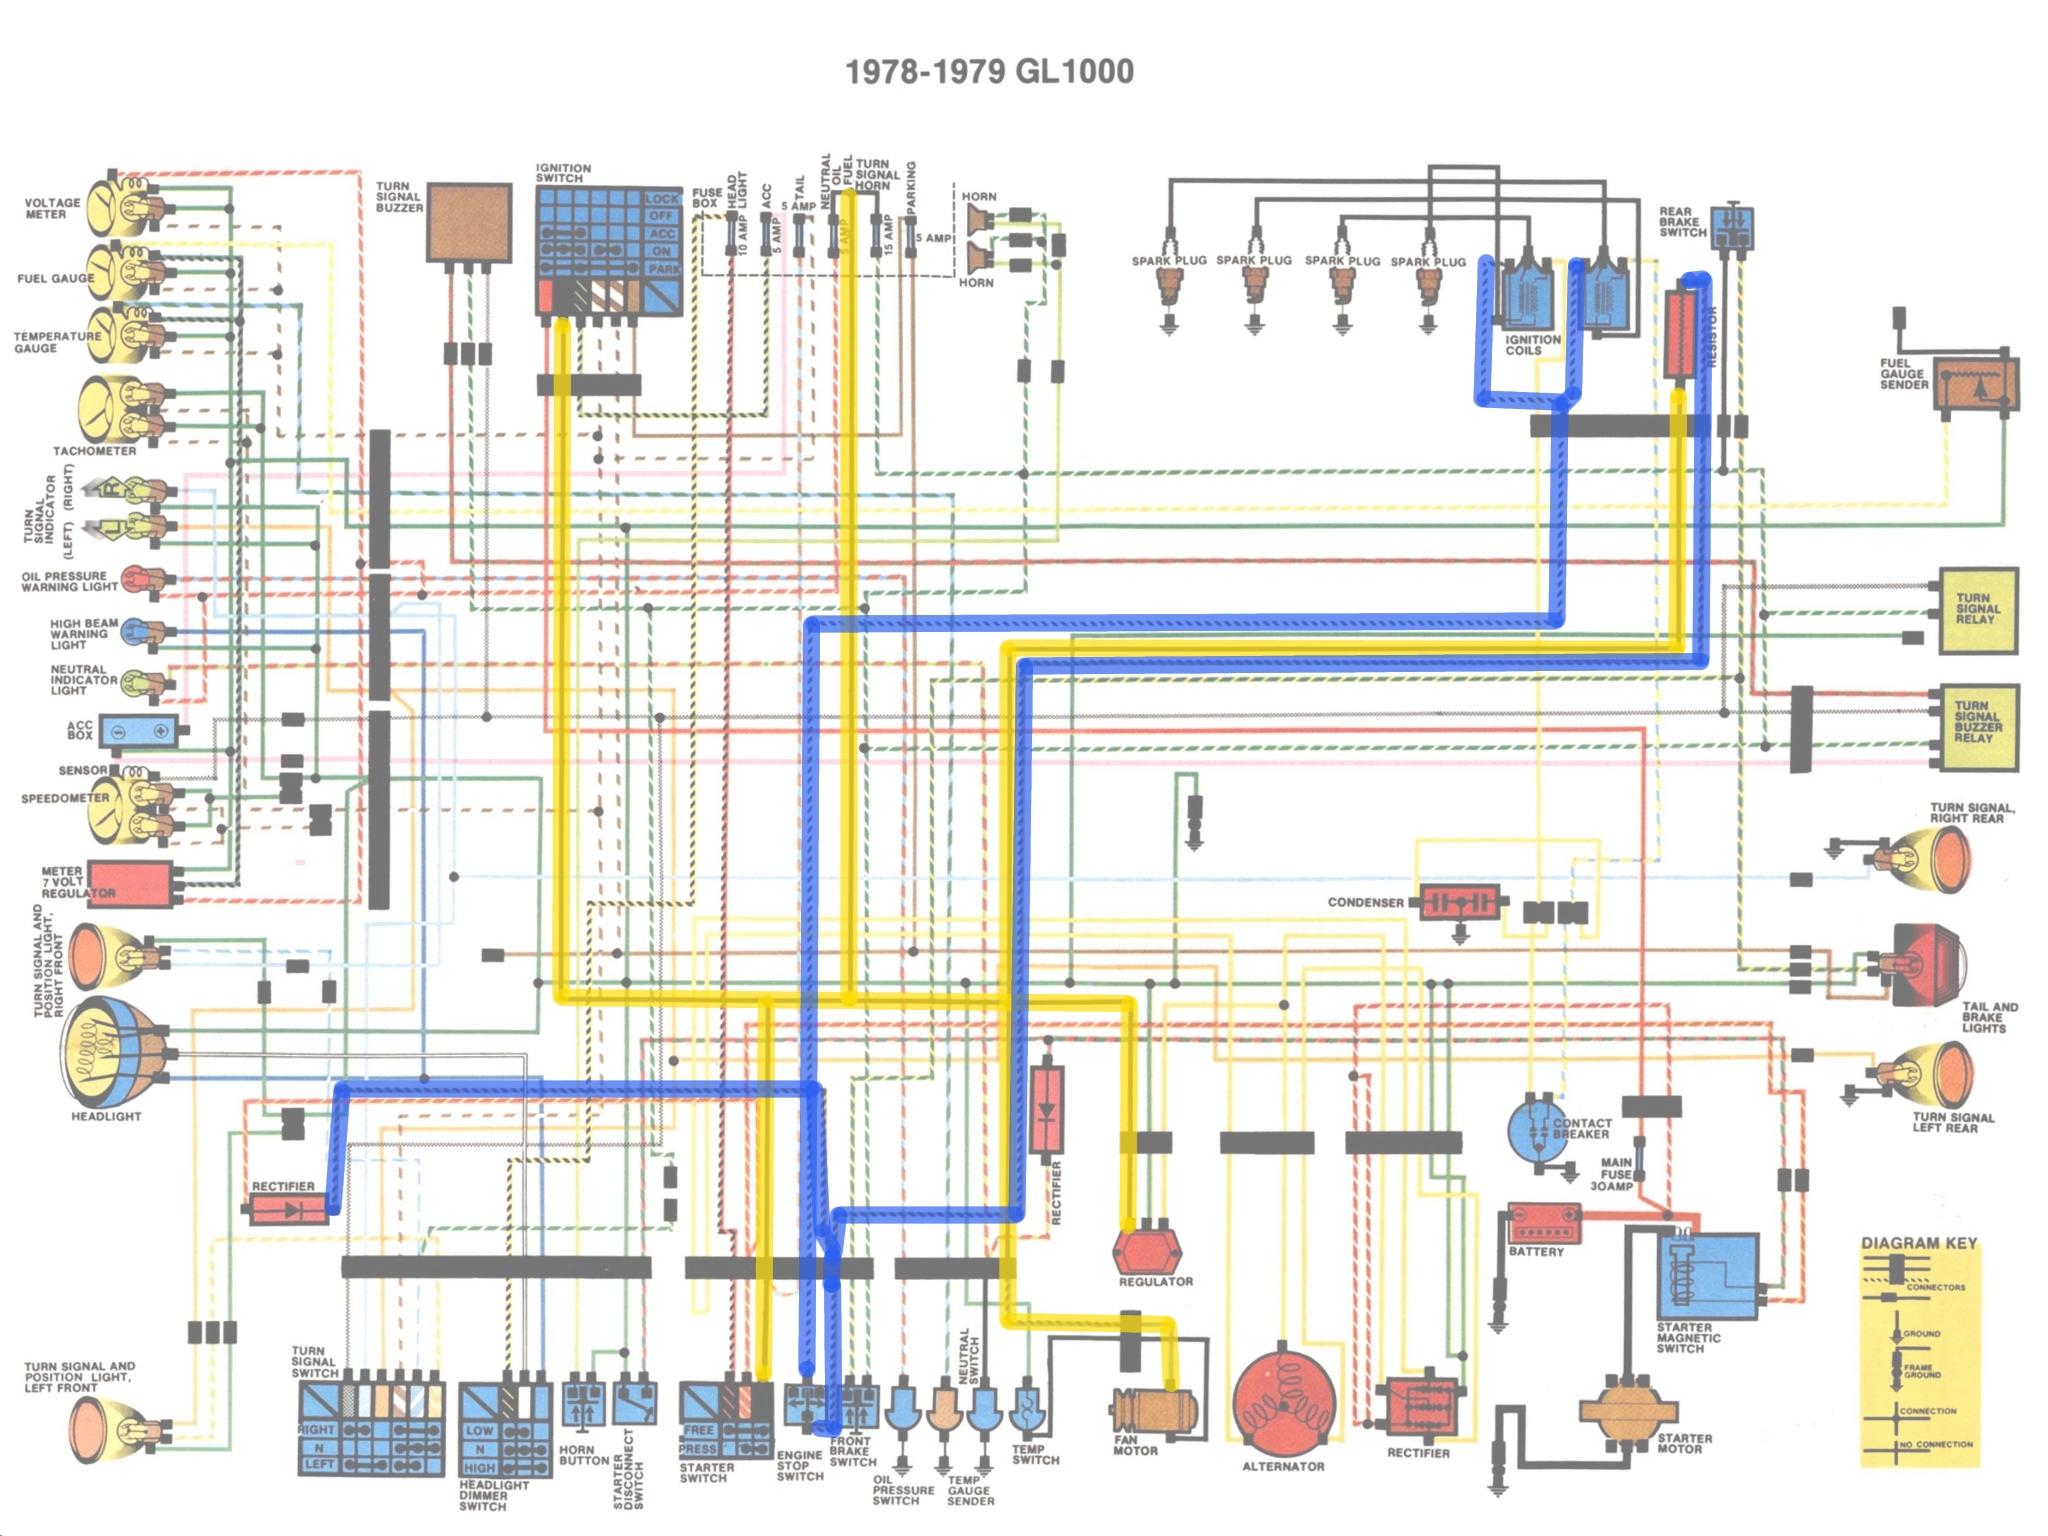 83 Goldwing Wiring Diagram | Repair Manual on